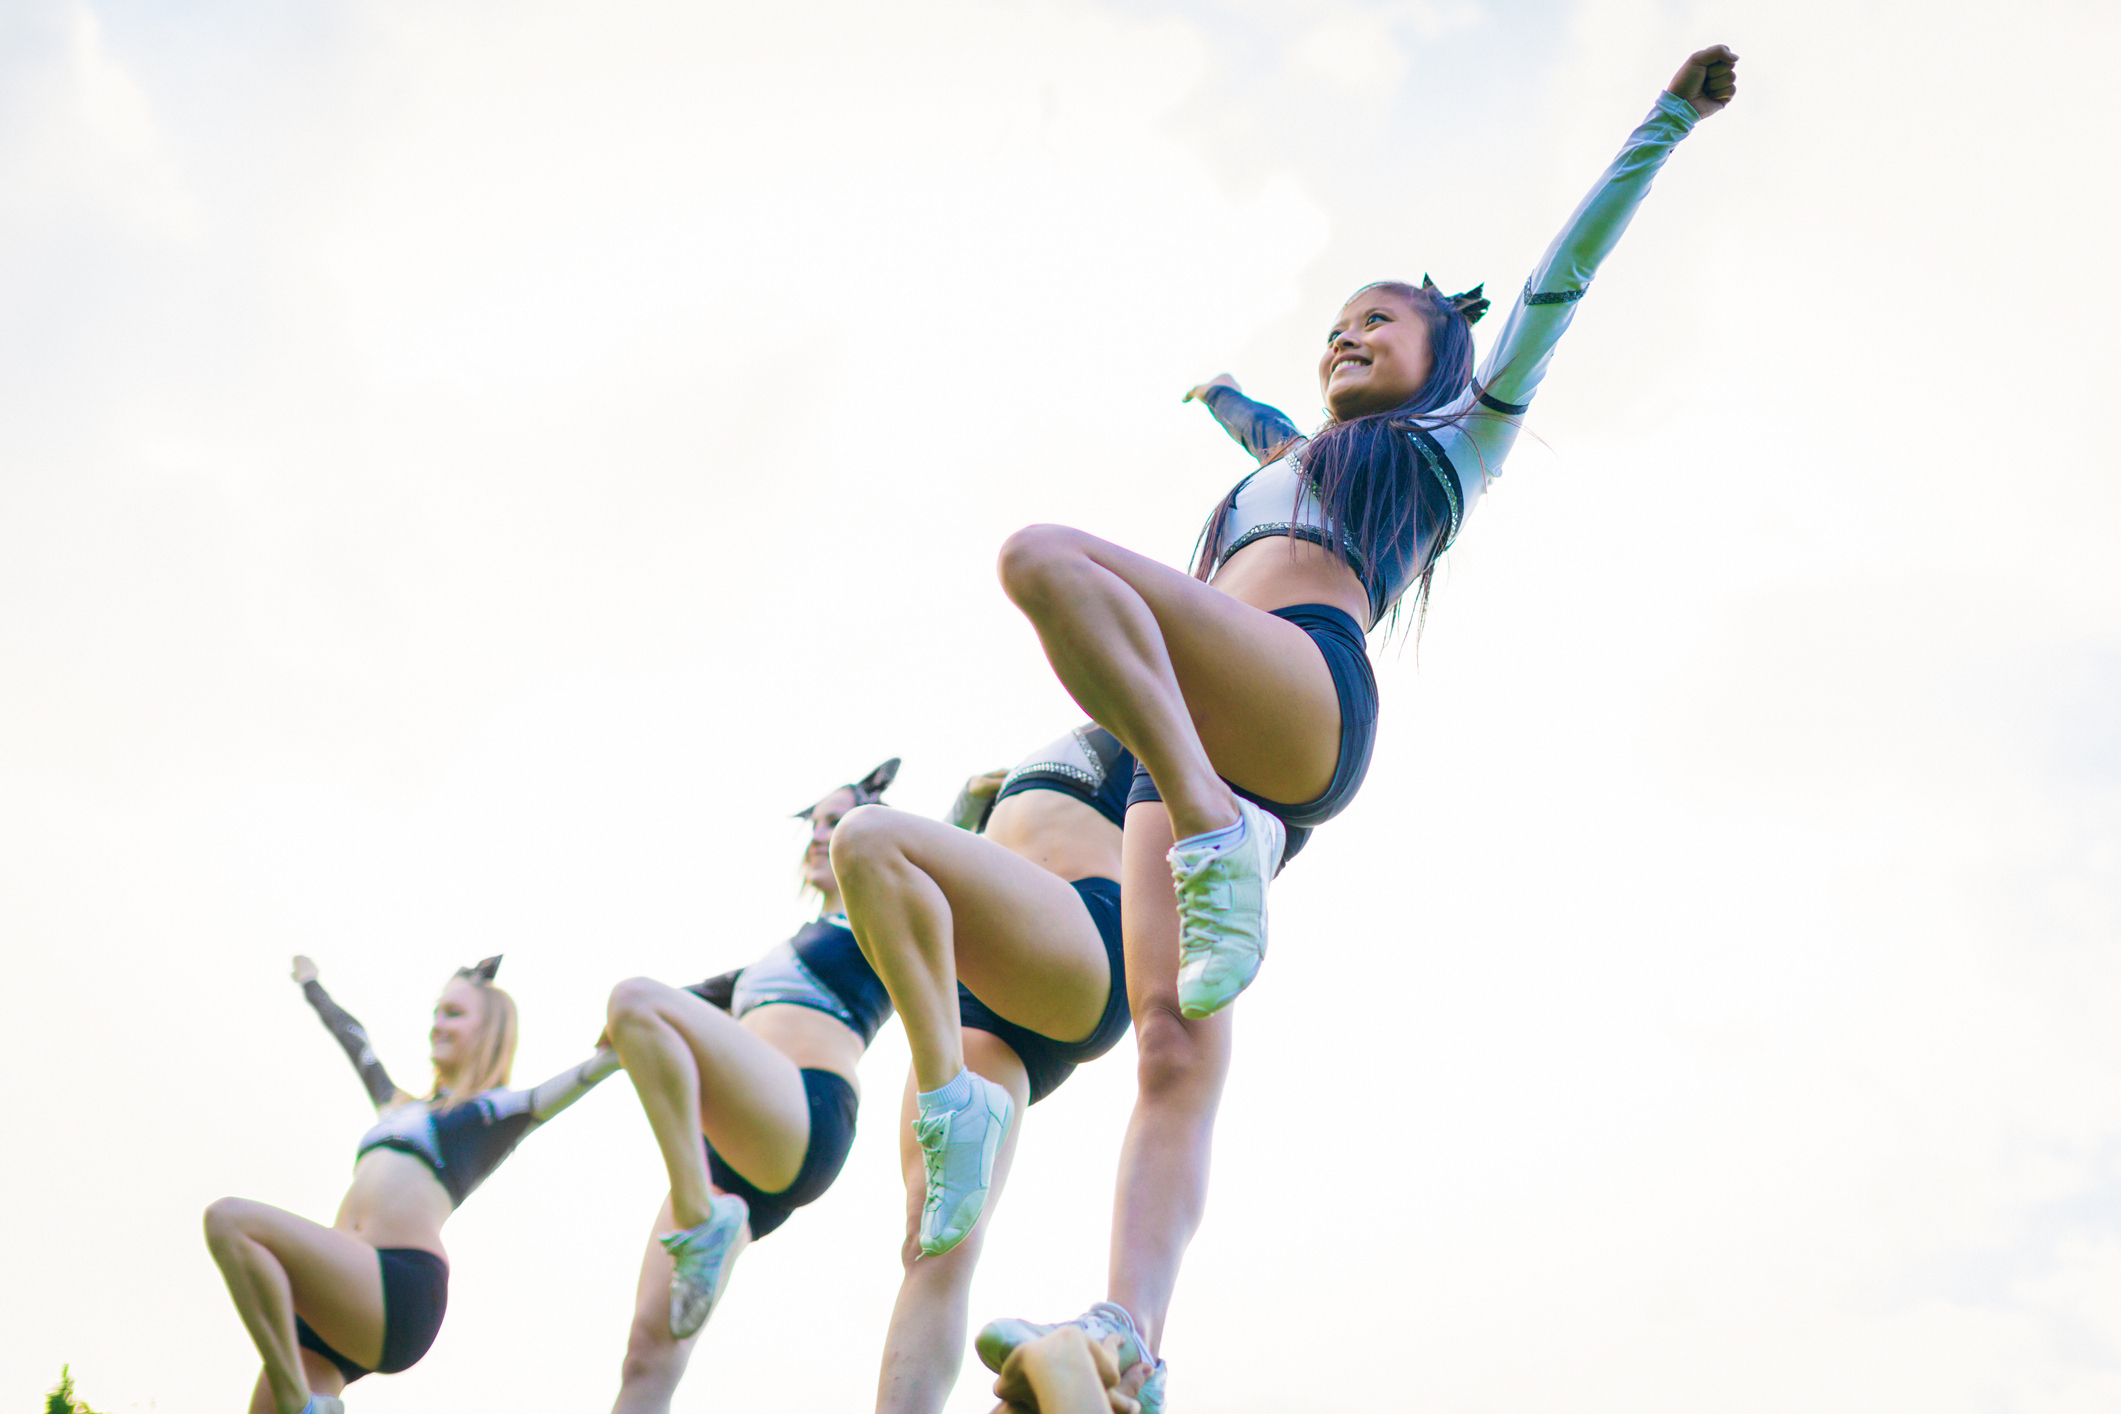 Le_cheerleading_un_sport_dangereux